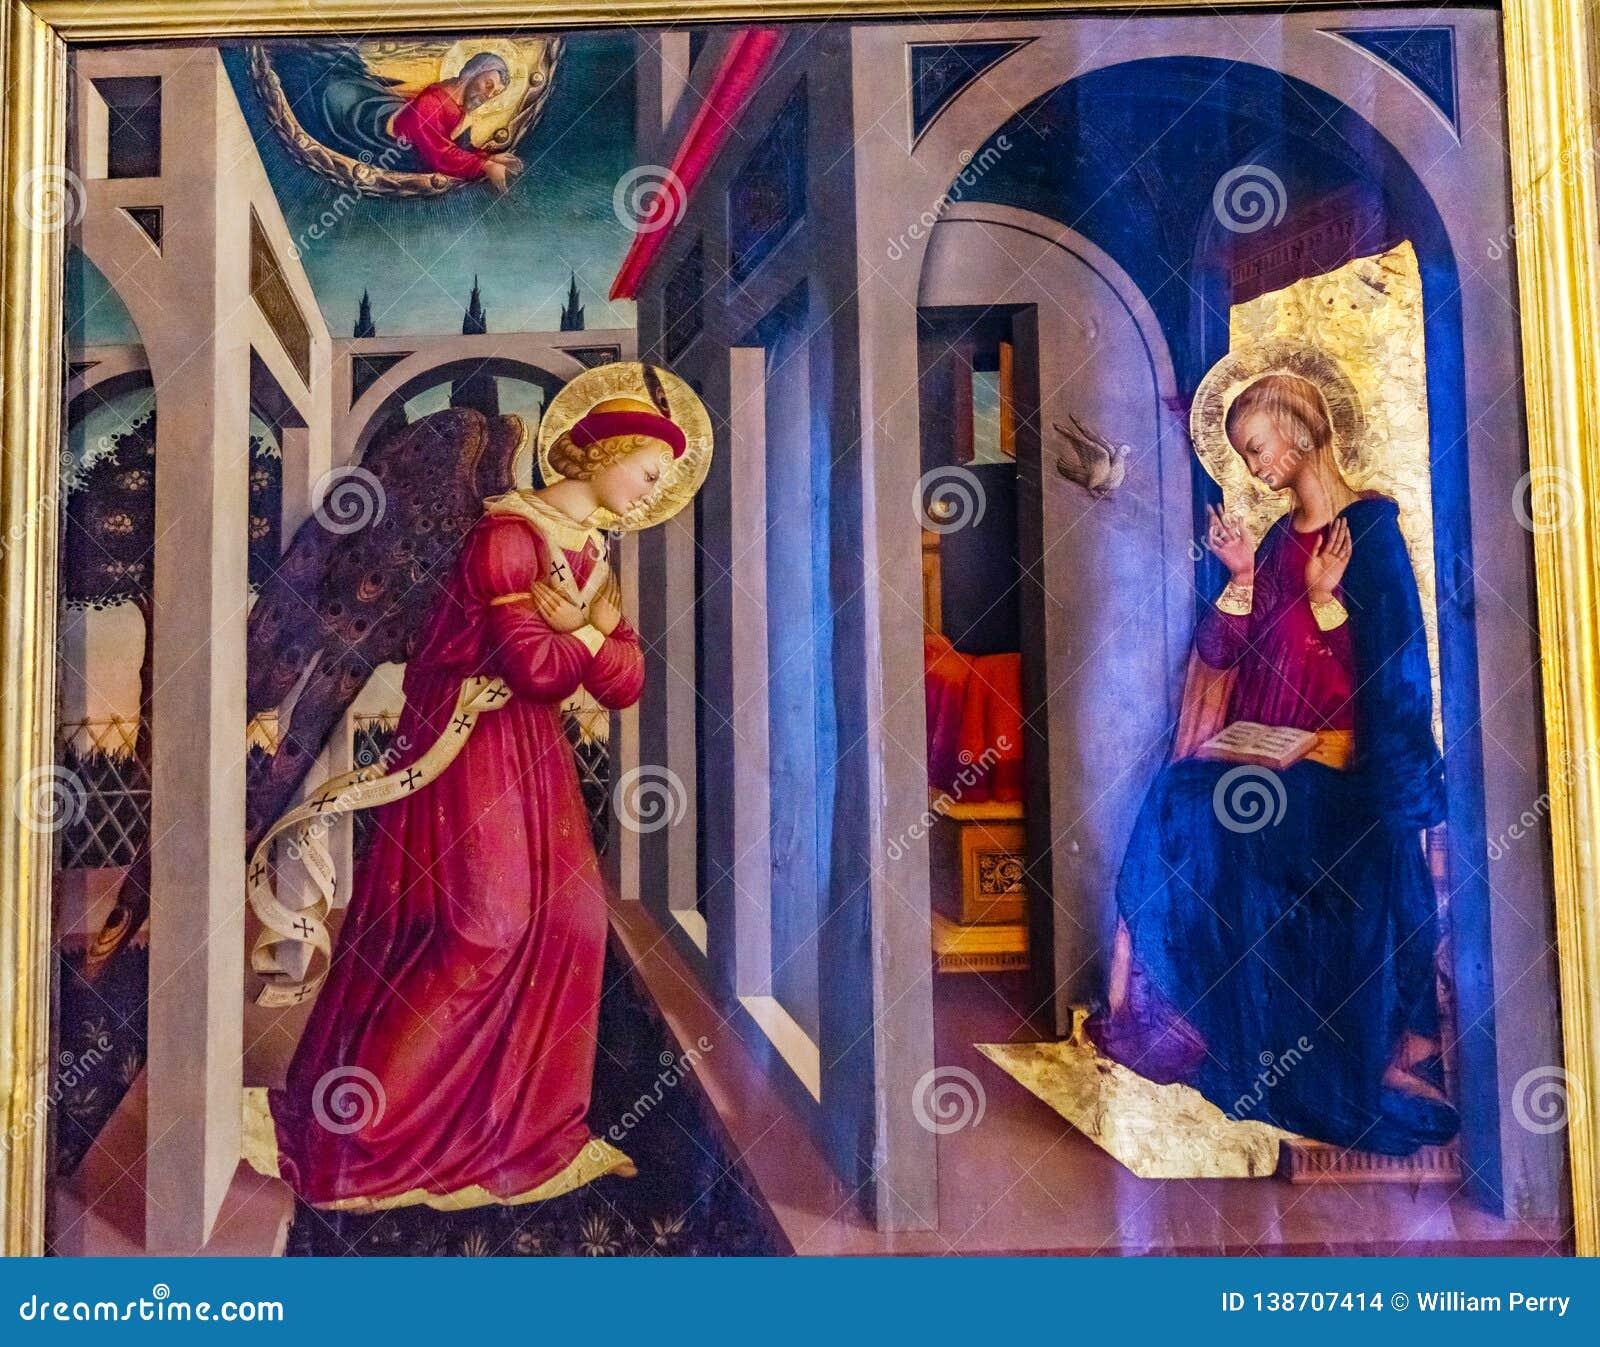 通告天使绘圣玛丽亚中篇小说教会佛罗伦萨意大利的玛丽